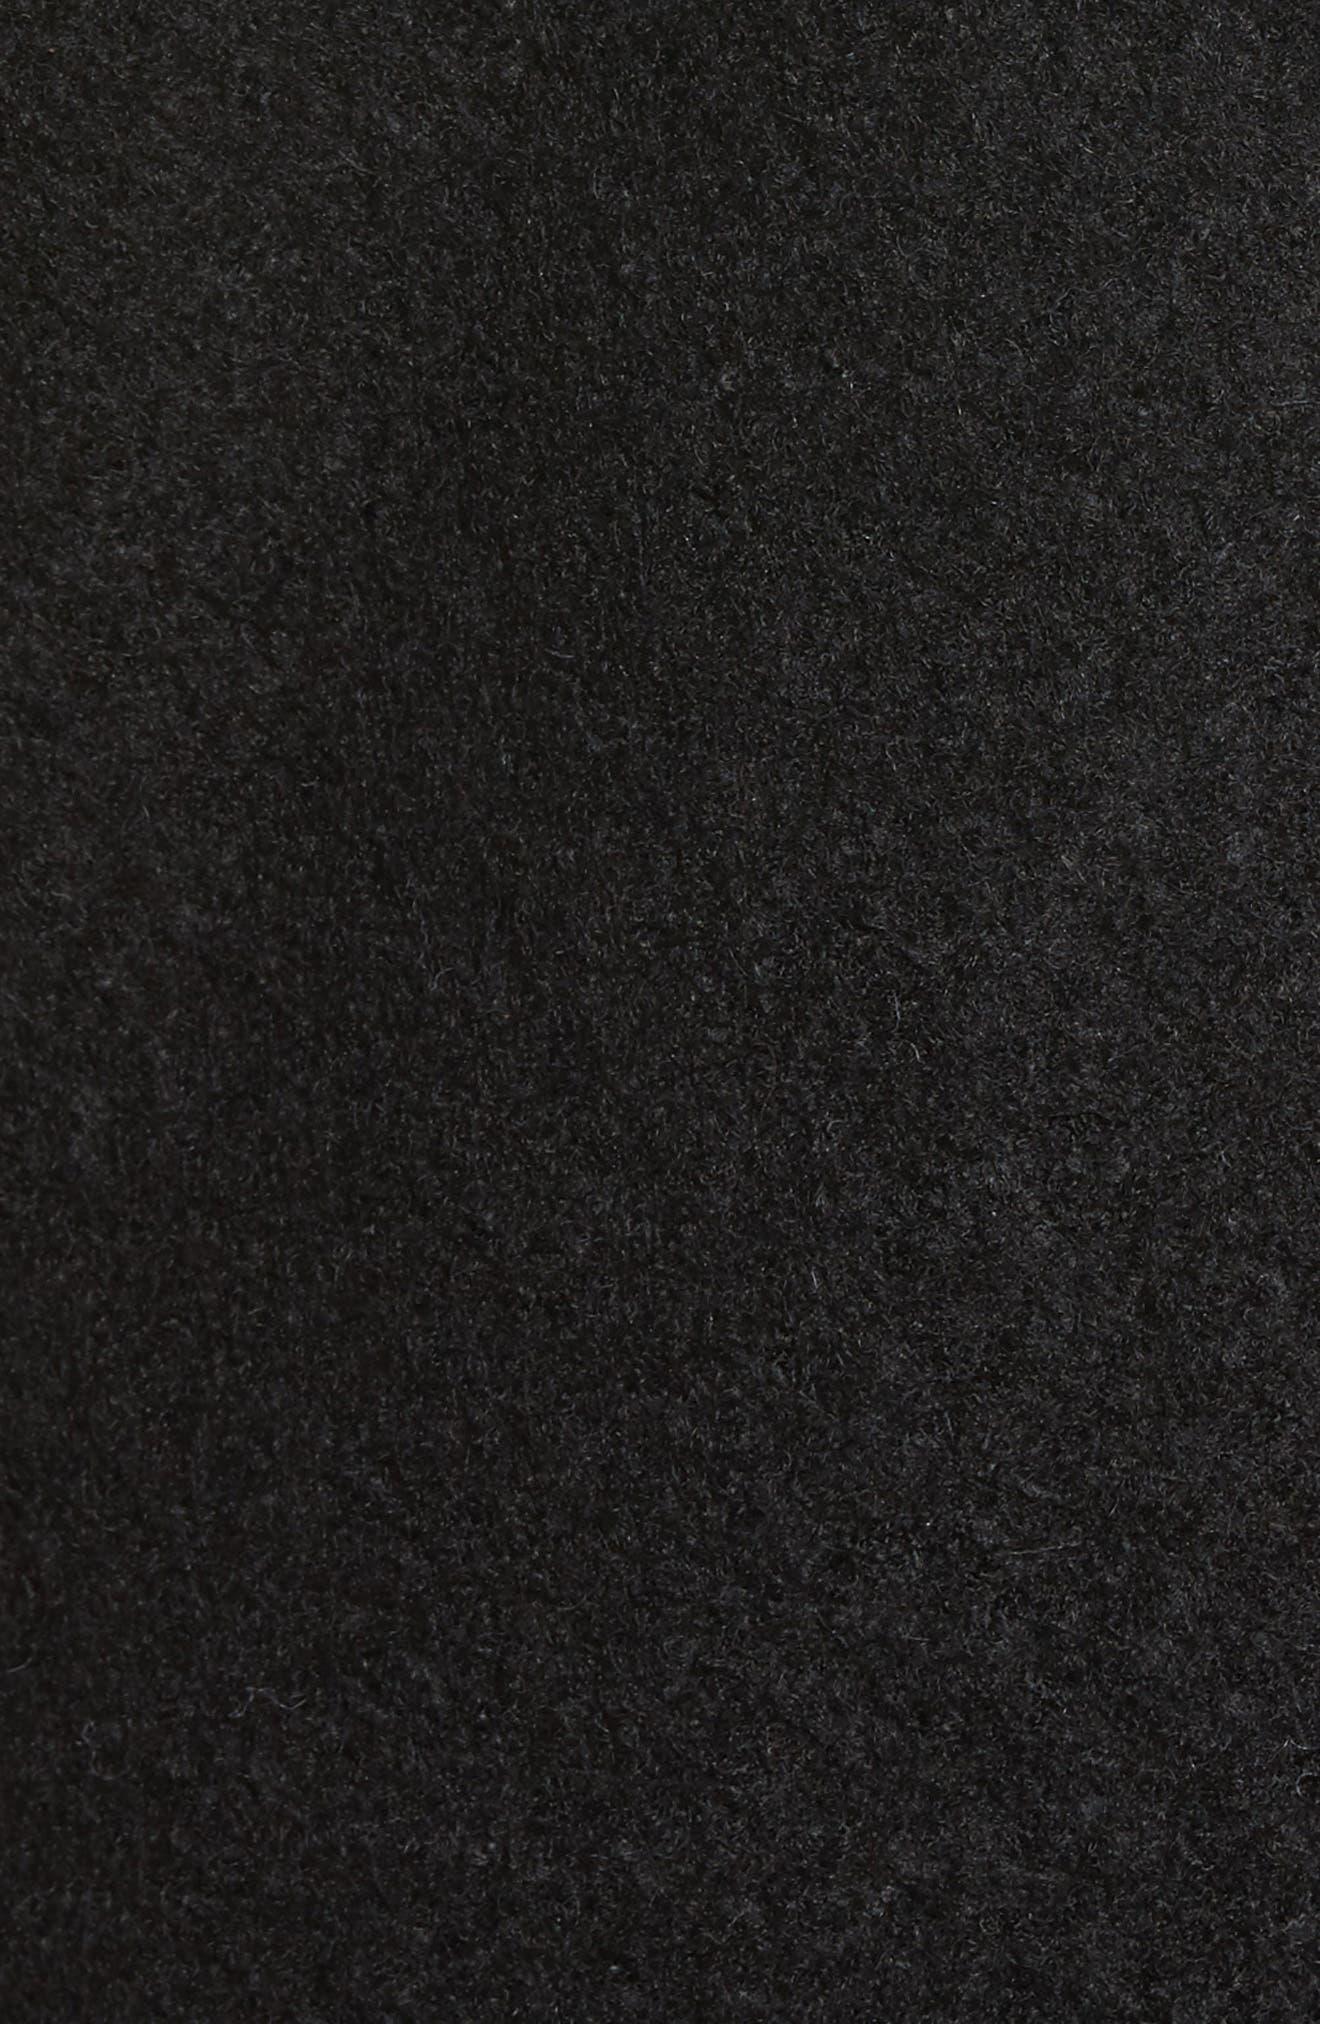 Wool Blend Bouclé Coat,                             Alternate thumbnail 6, color,                             BLACK